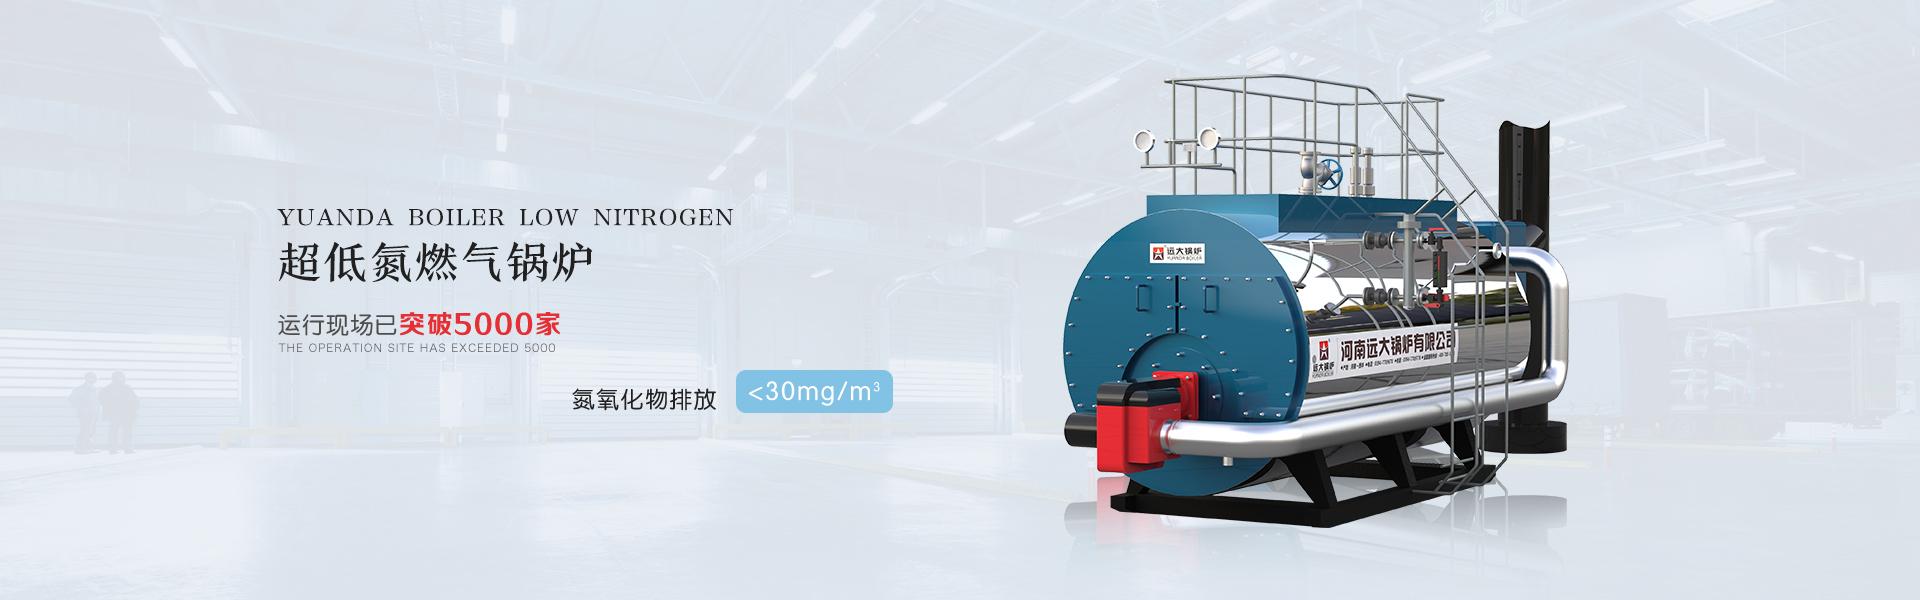 低氮燃气尊龙官网使用访问zd207